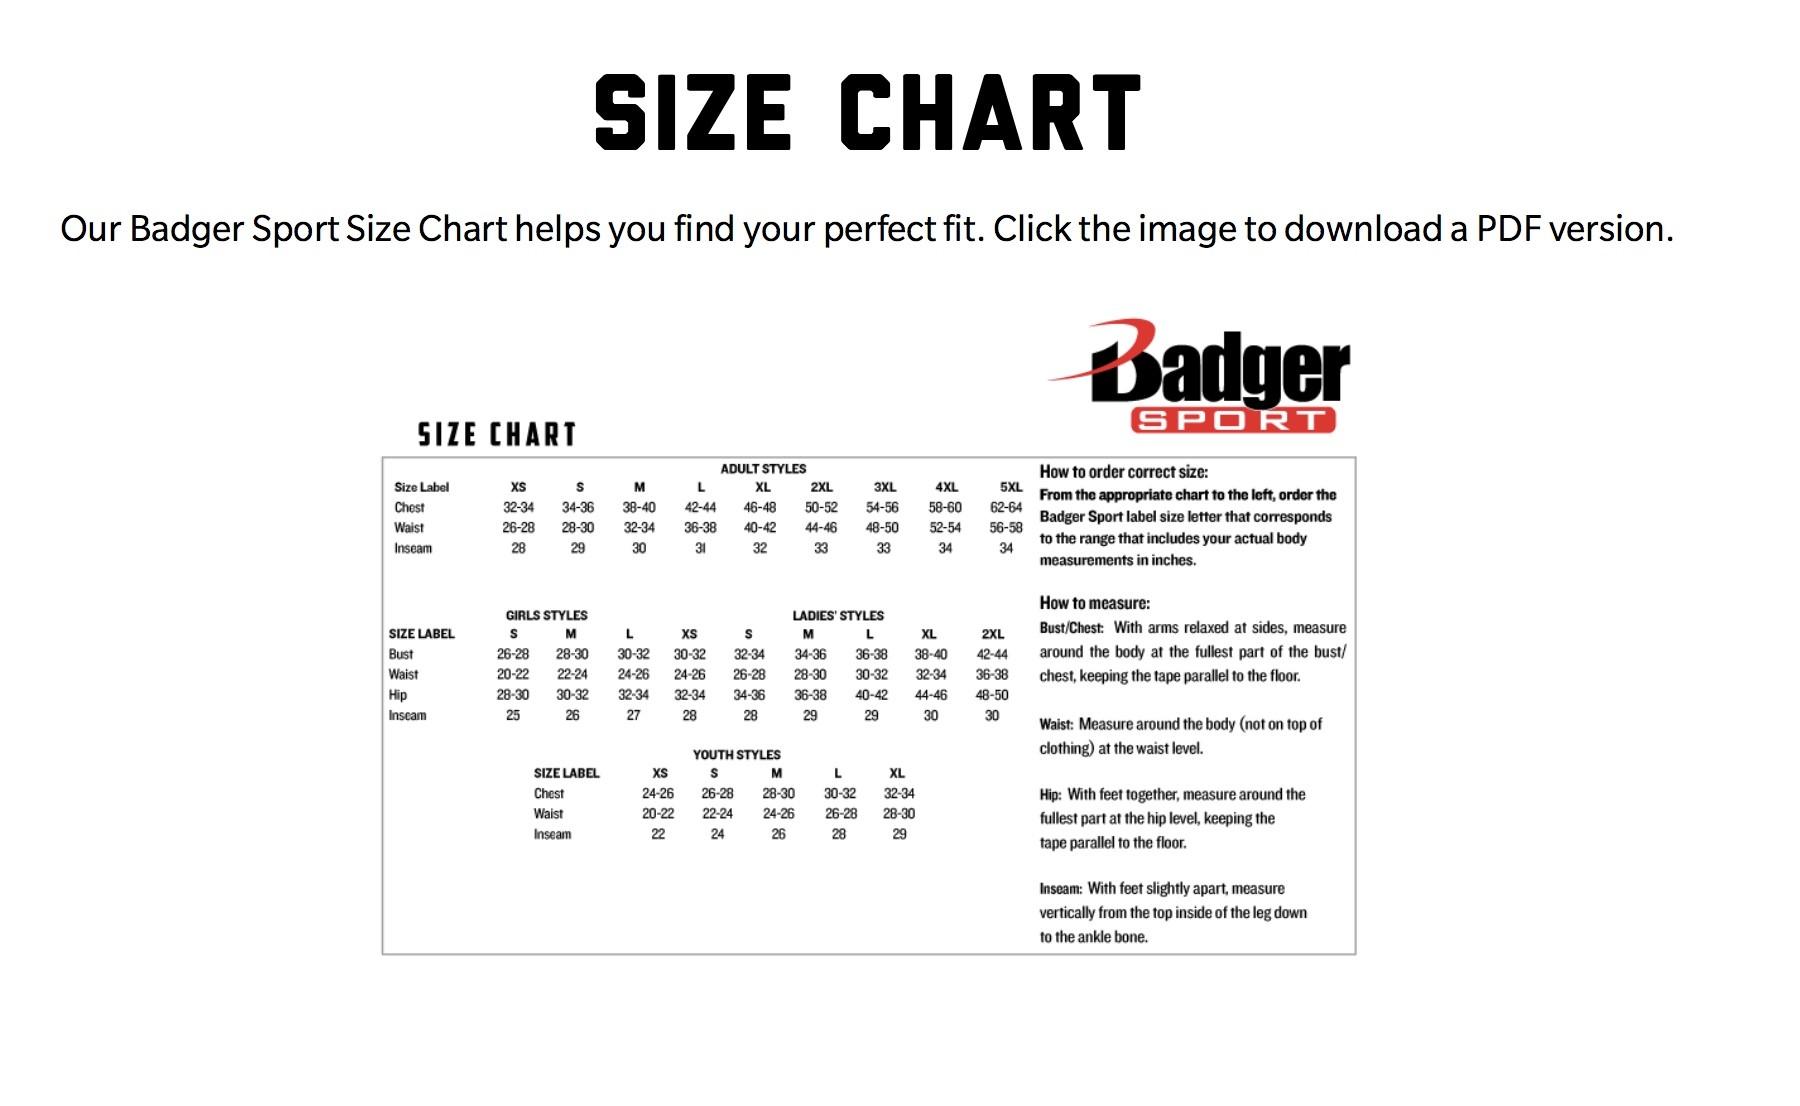 SIZE CHART- Badger Sportswear